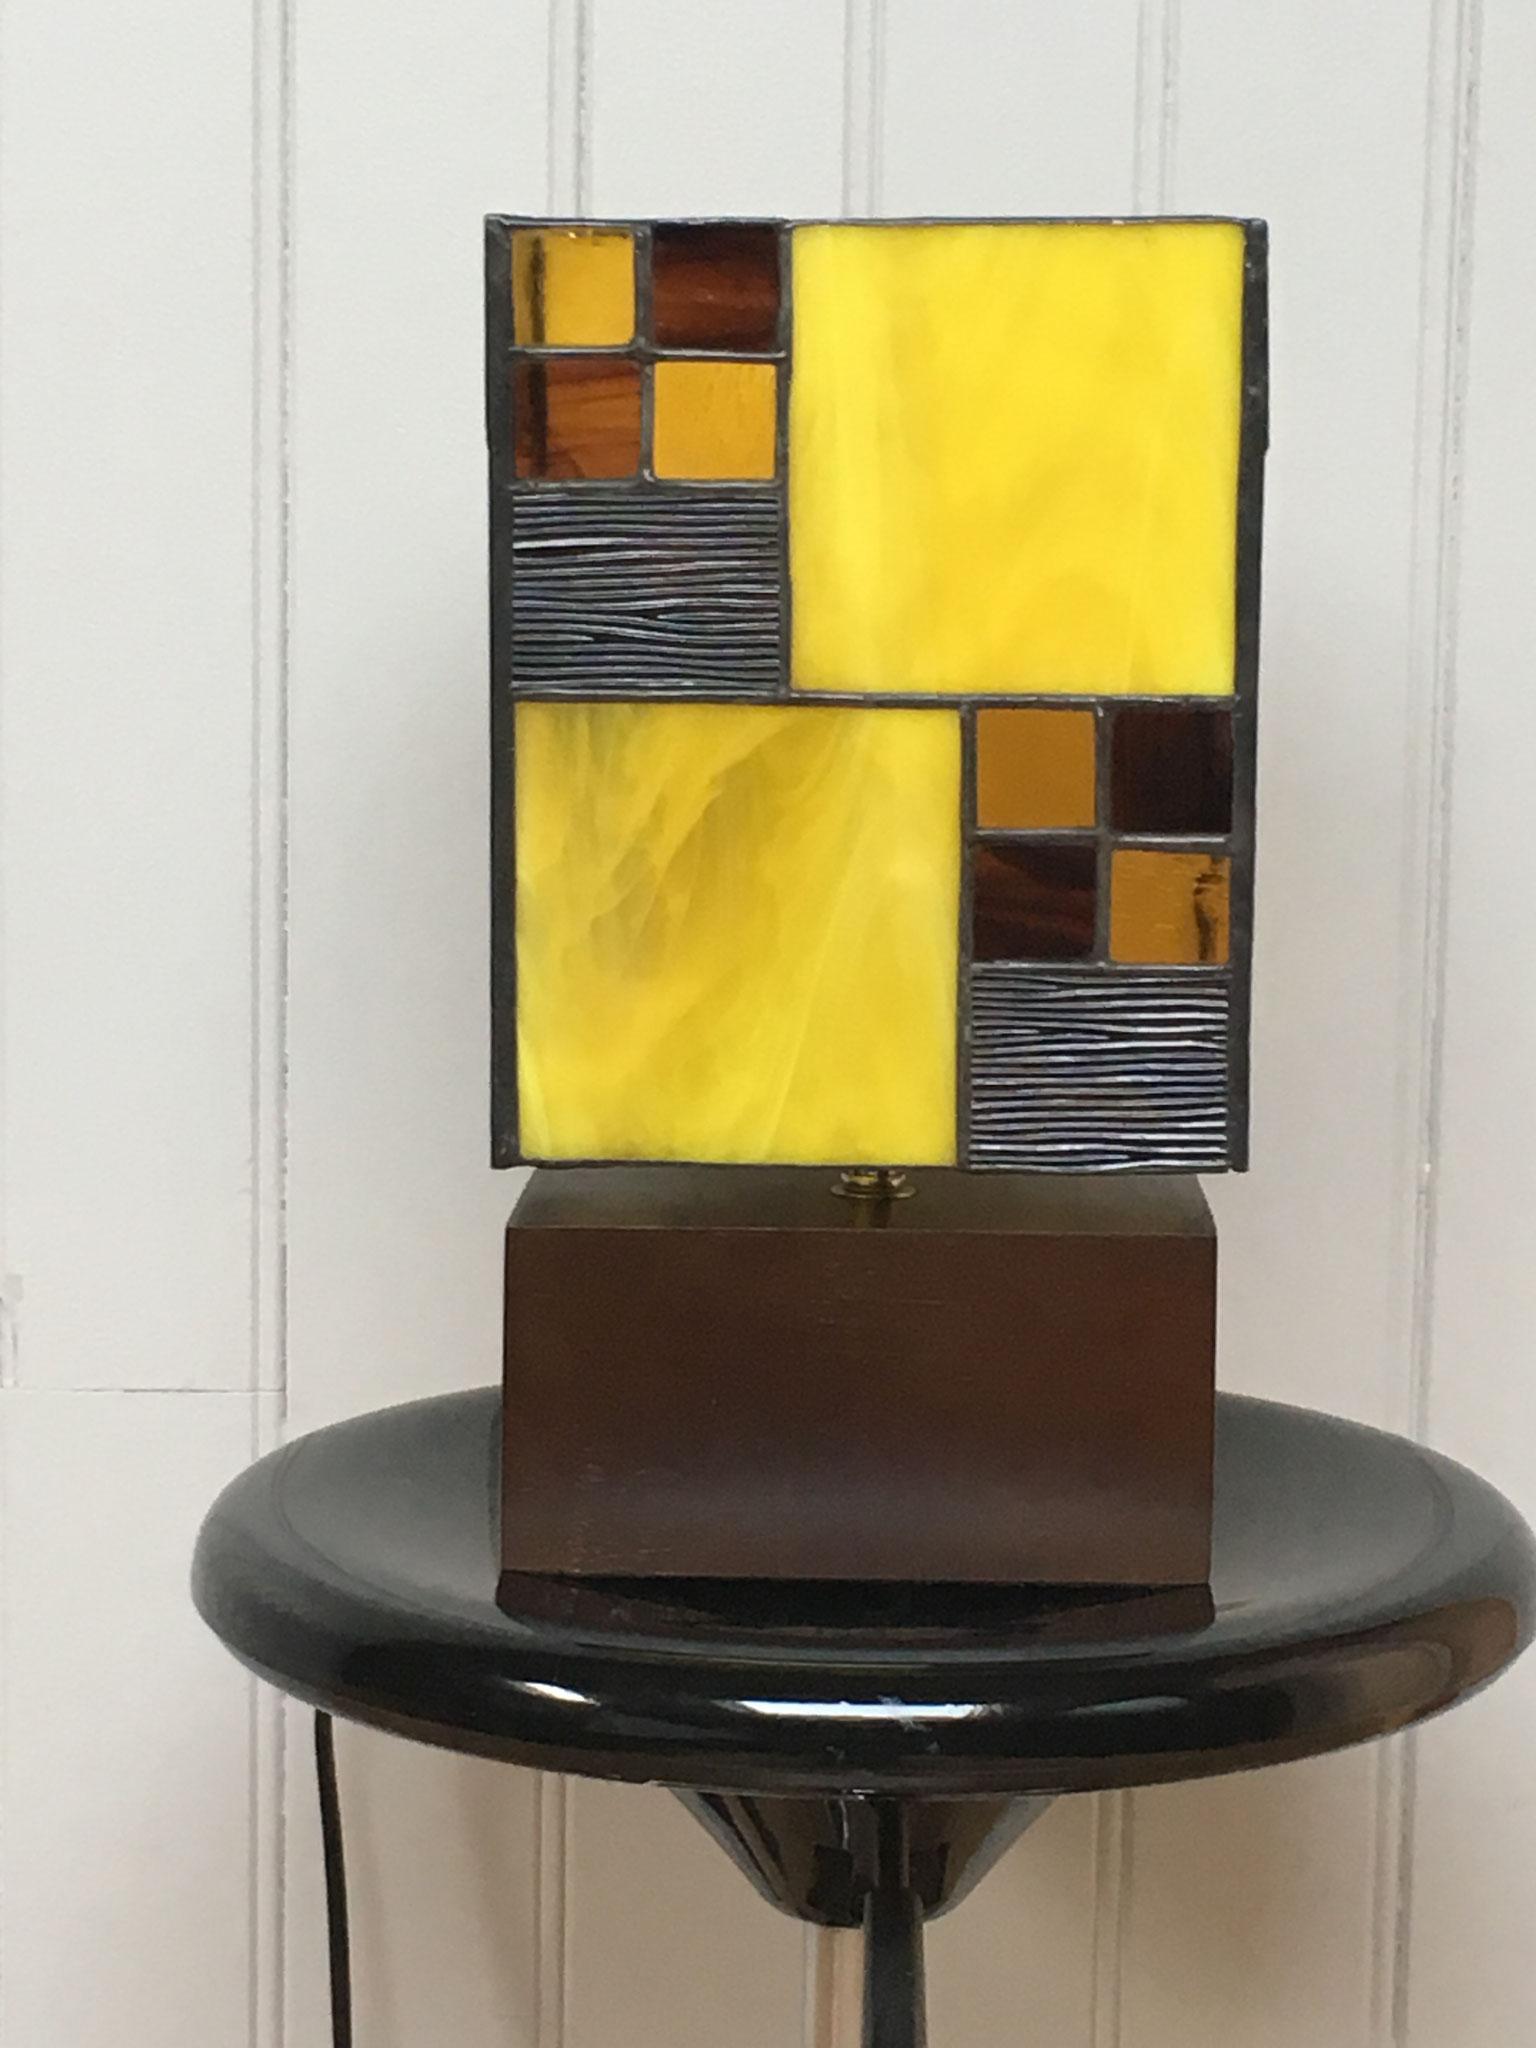 Lampe réalisée en Tiffany sur socle en bois (ht totale 31cm, l 17cm) Vue de face éteinte 93€